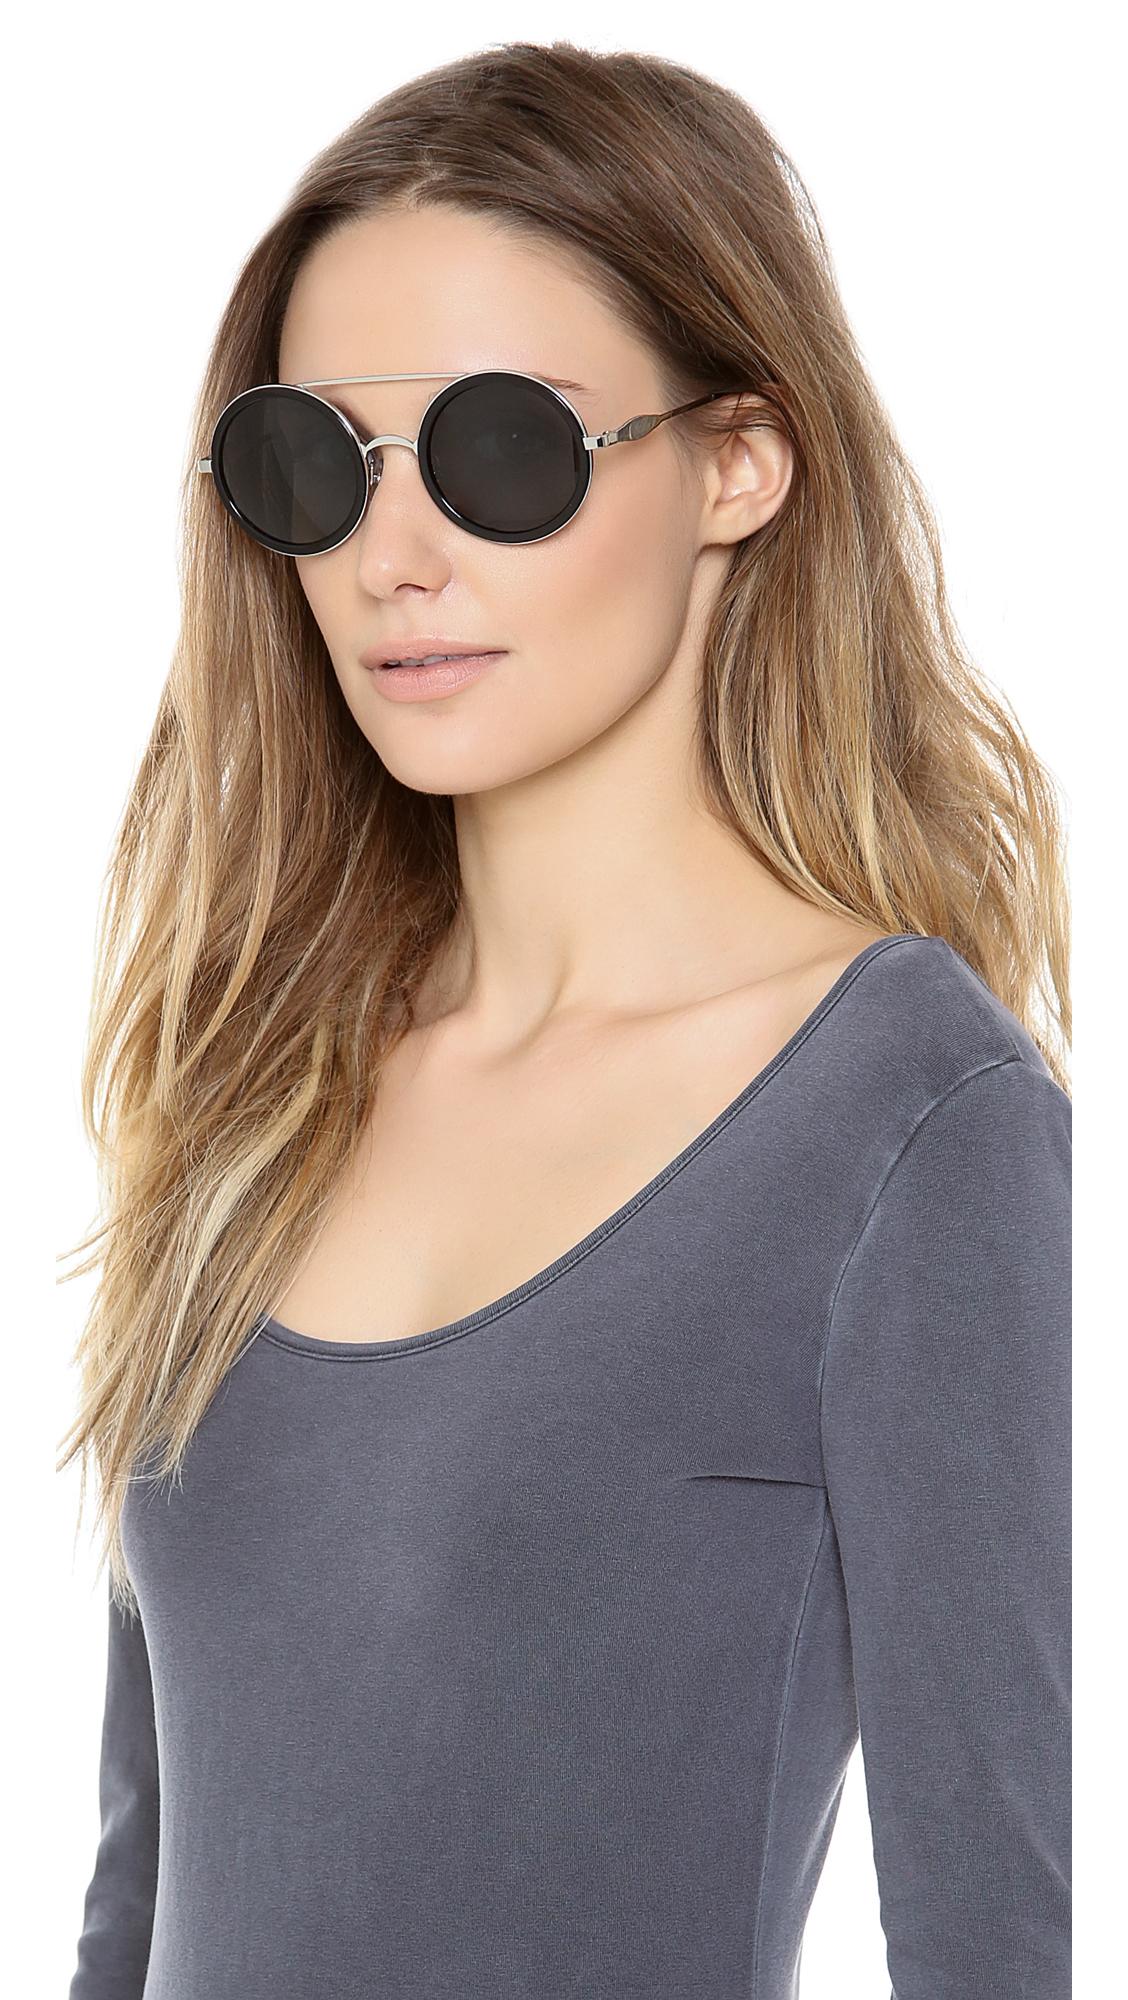 fdcde5df856 Wildfox Winona Sunglasses